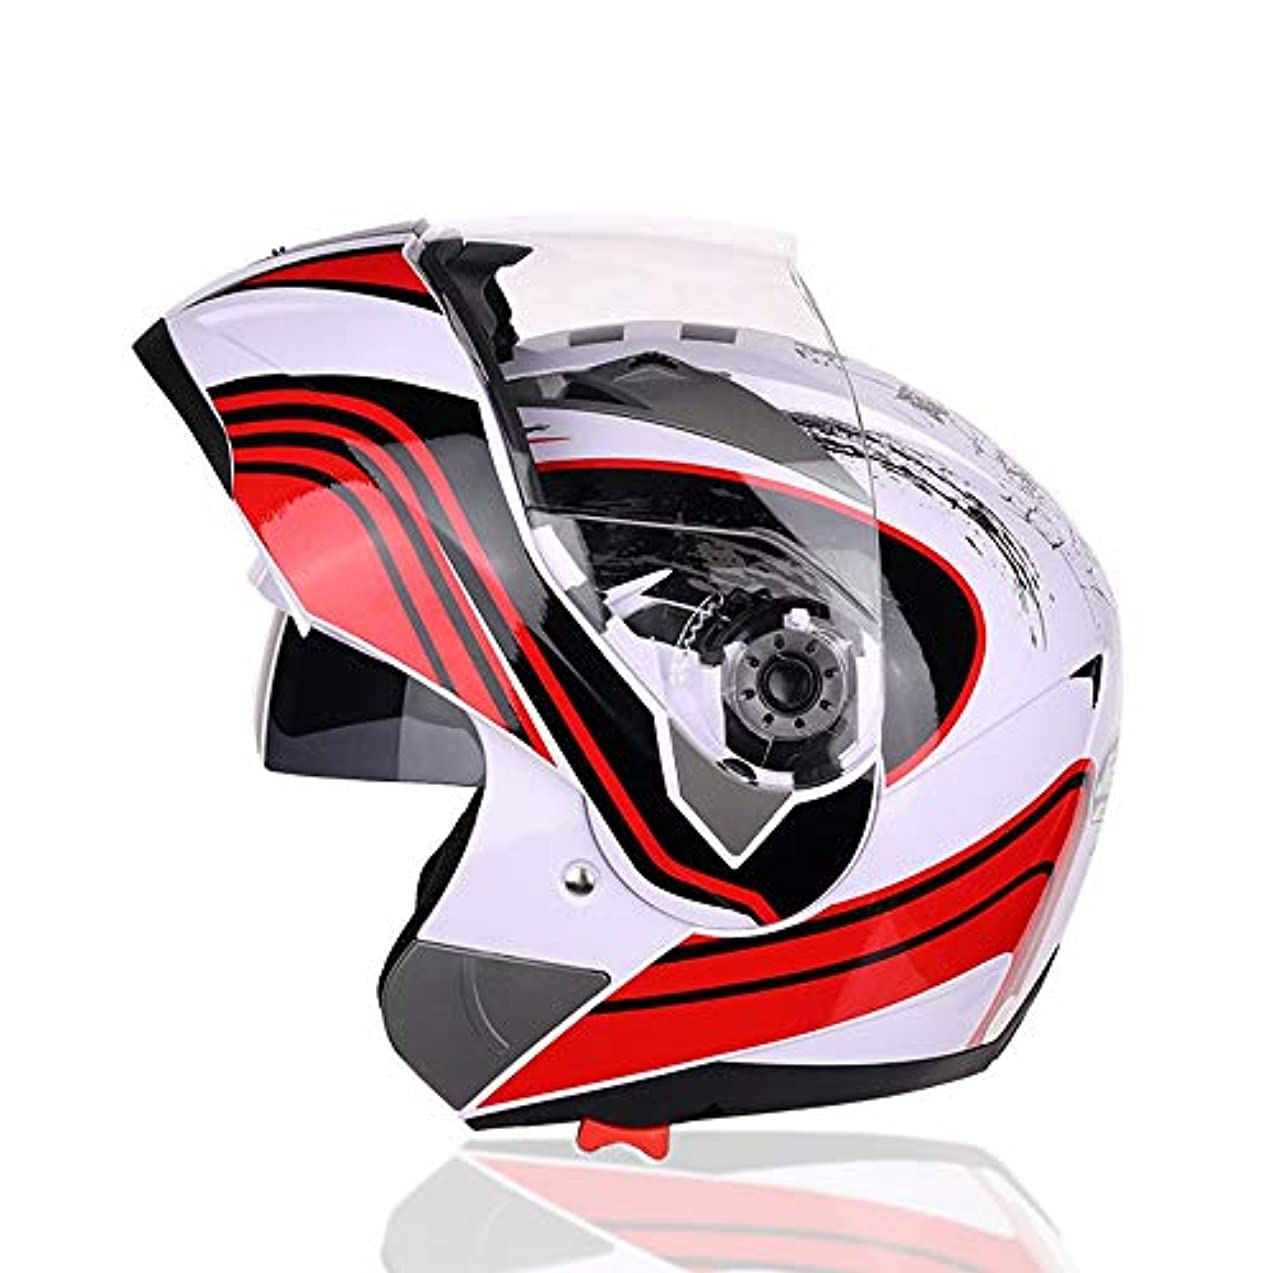 レイ意図するリフレッシュHYH オートバイヘルメットオープンフェイスヘルメットダブルレンズ男性と女性の電気自動車四季オートバイヘルメットヘルメットグリーン/レッド/ホワイト いい人生 (Color : Red, Size : L)